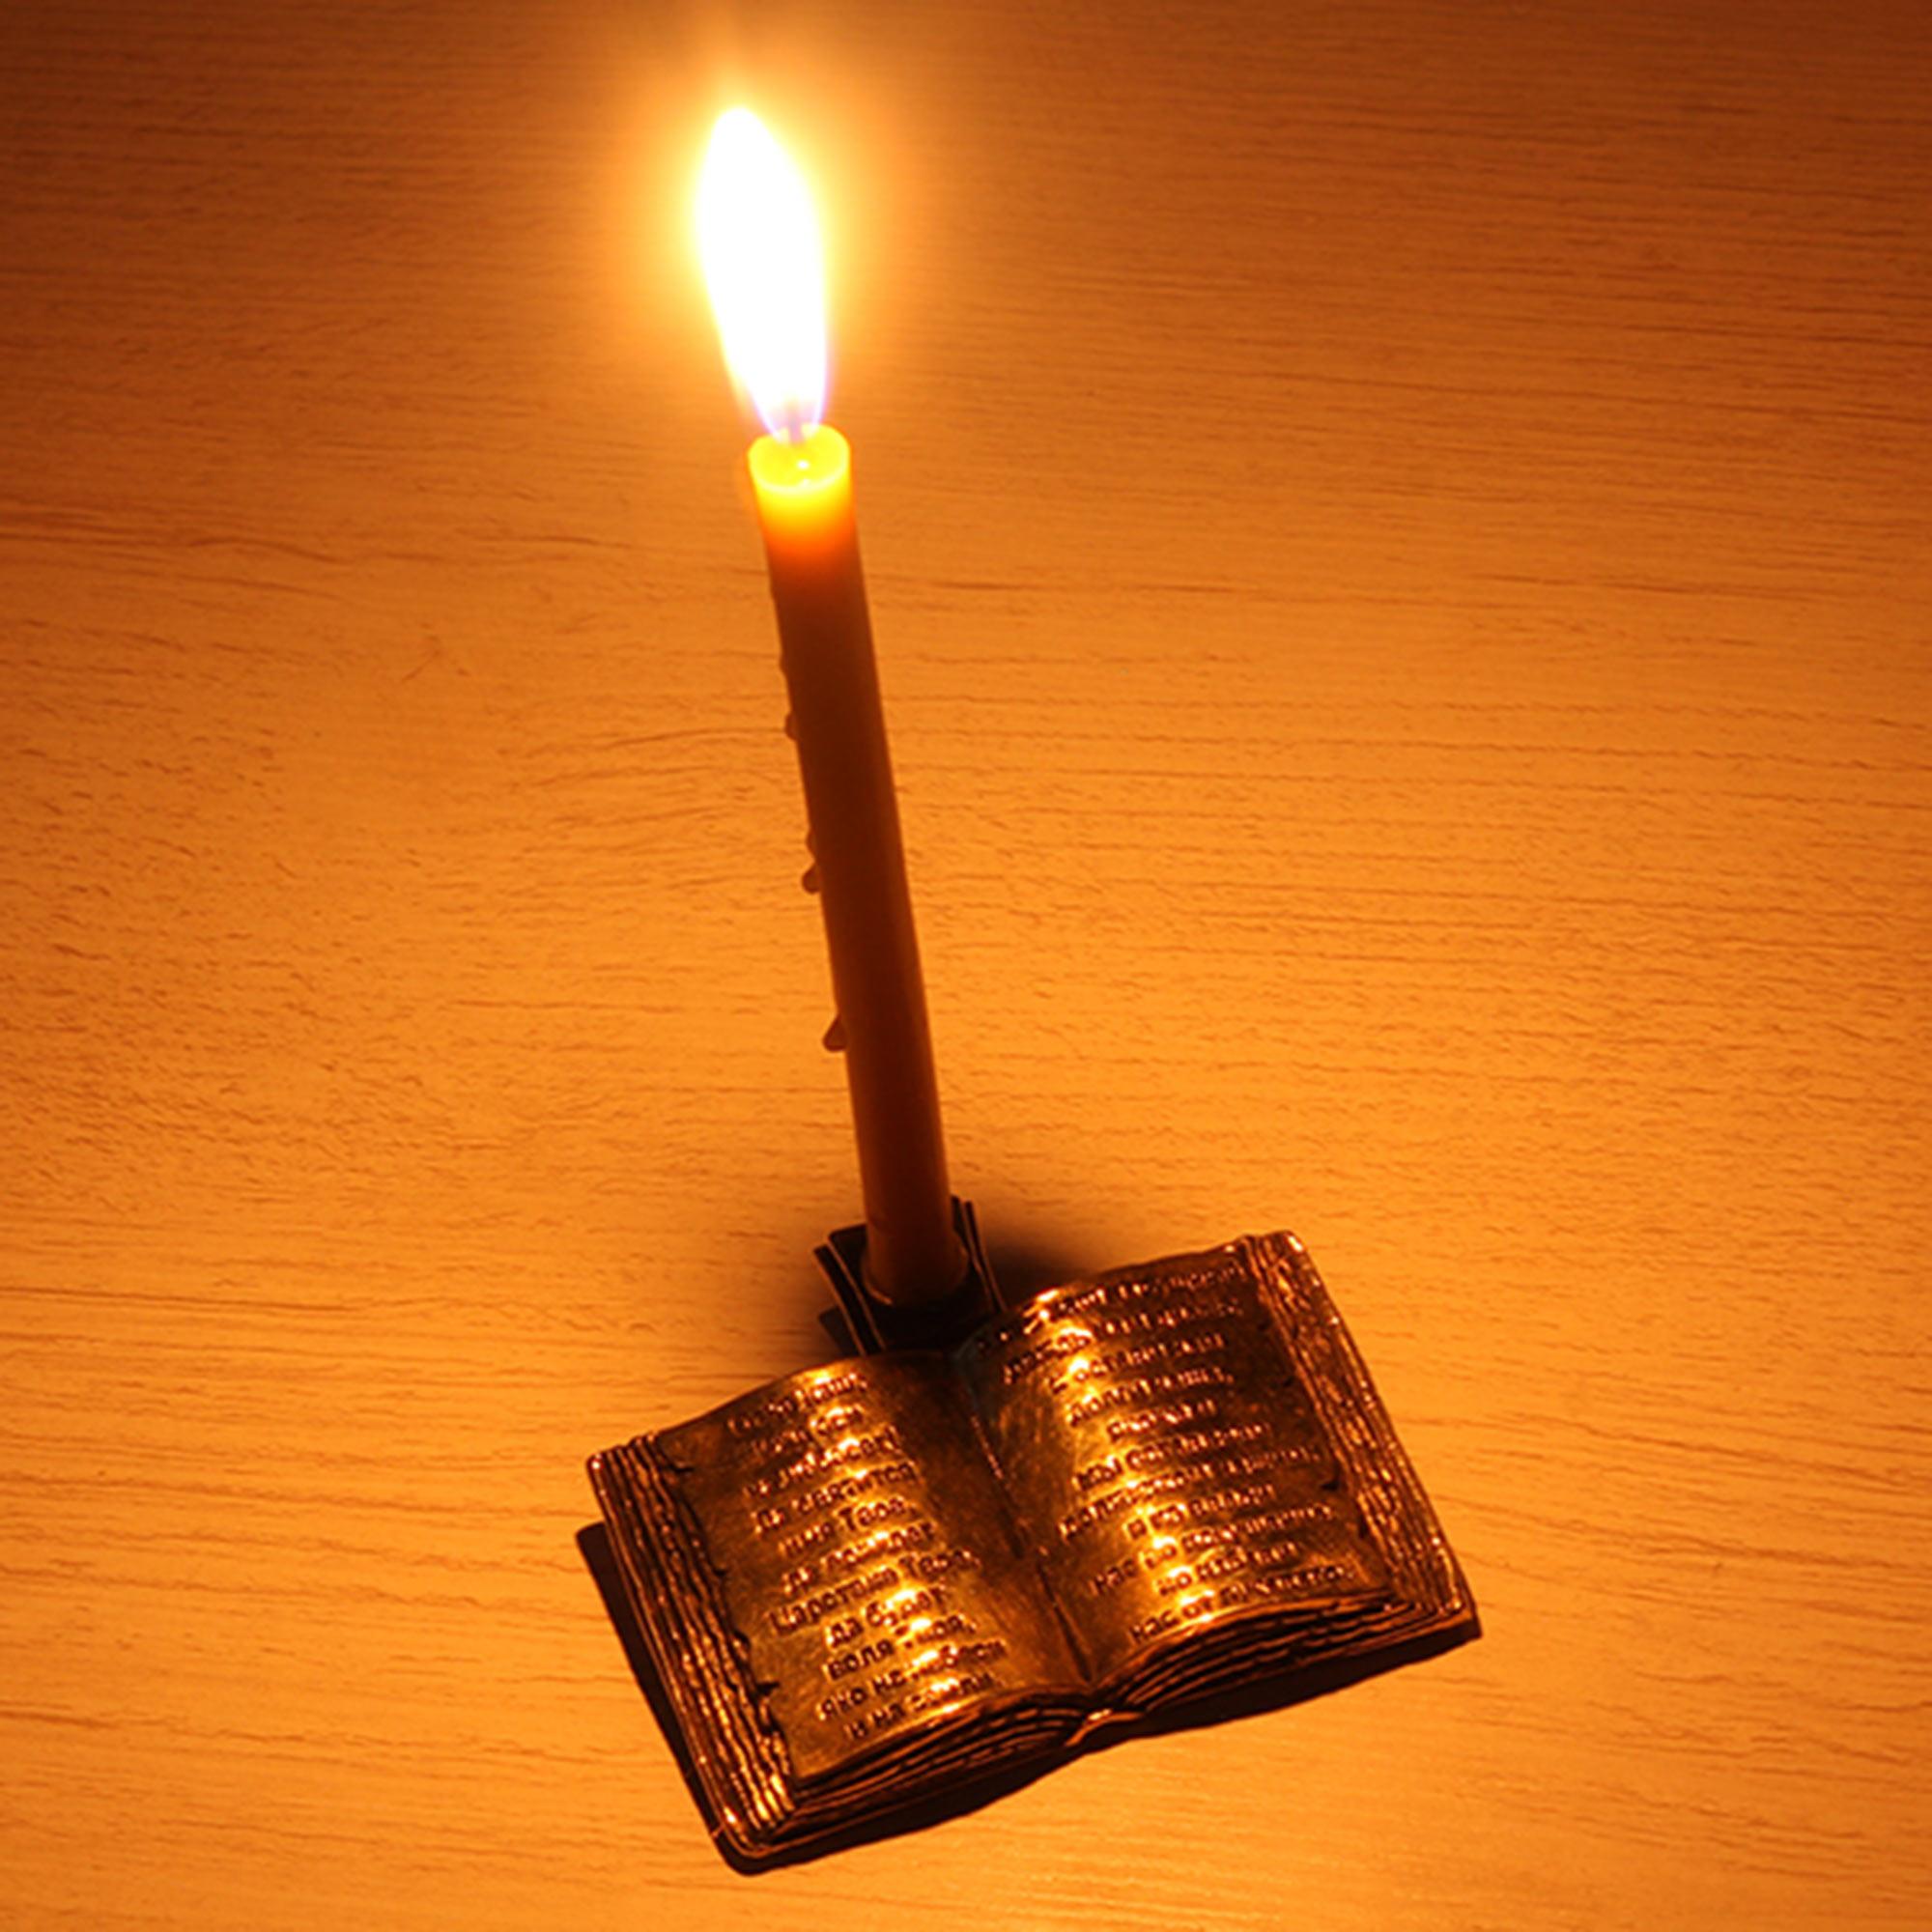 """""""купить маленькие подсвечники для тонких свечей православные подсвечники для дома"""